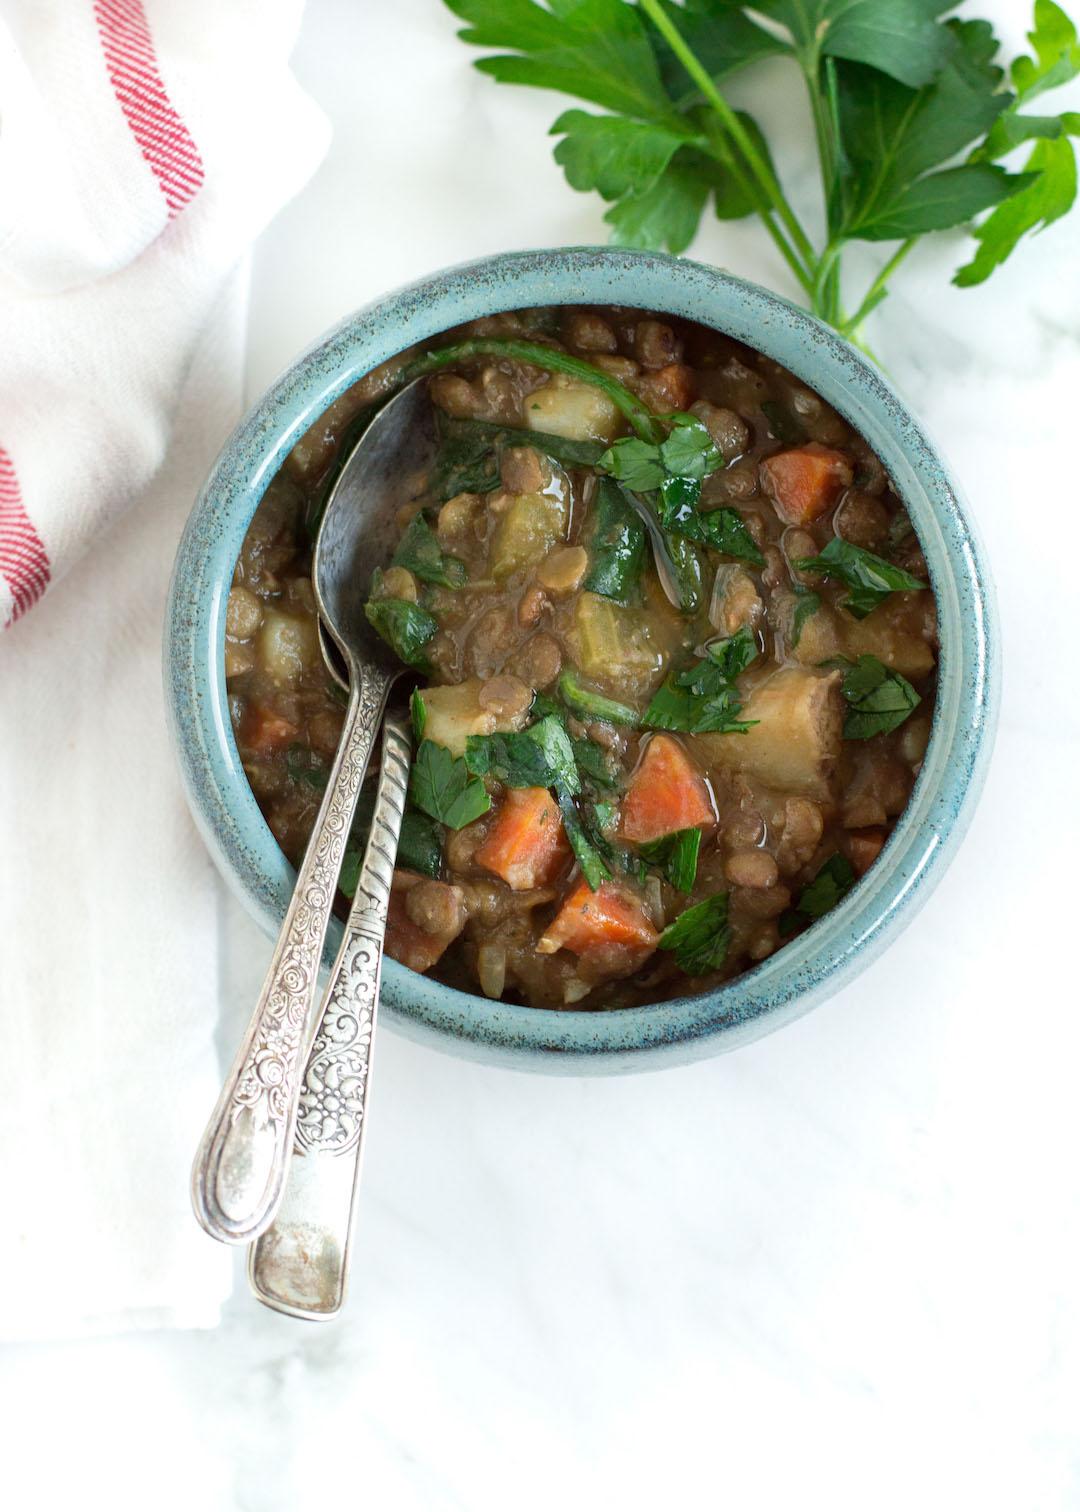 Vegan Warming Lentil Stew   vegetable stew   gluten free, vegan   easy to make   healthy soup   dinner, make ahead meal   nourishedtheblog.com  